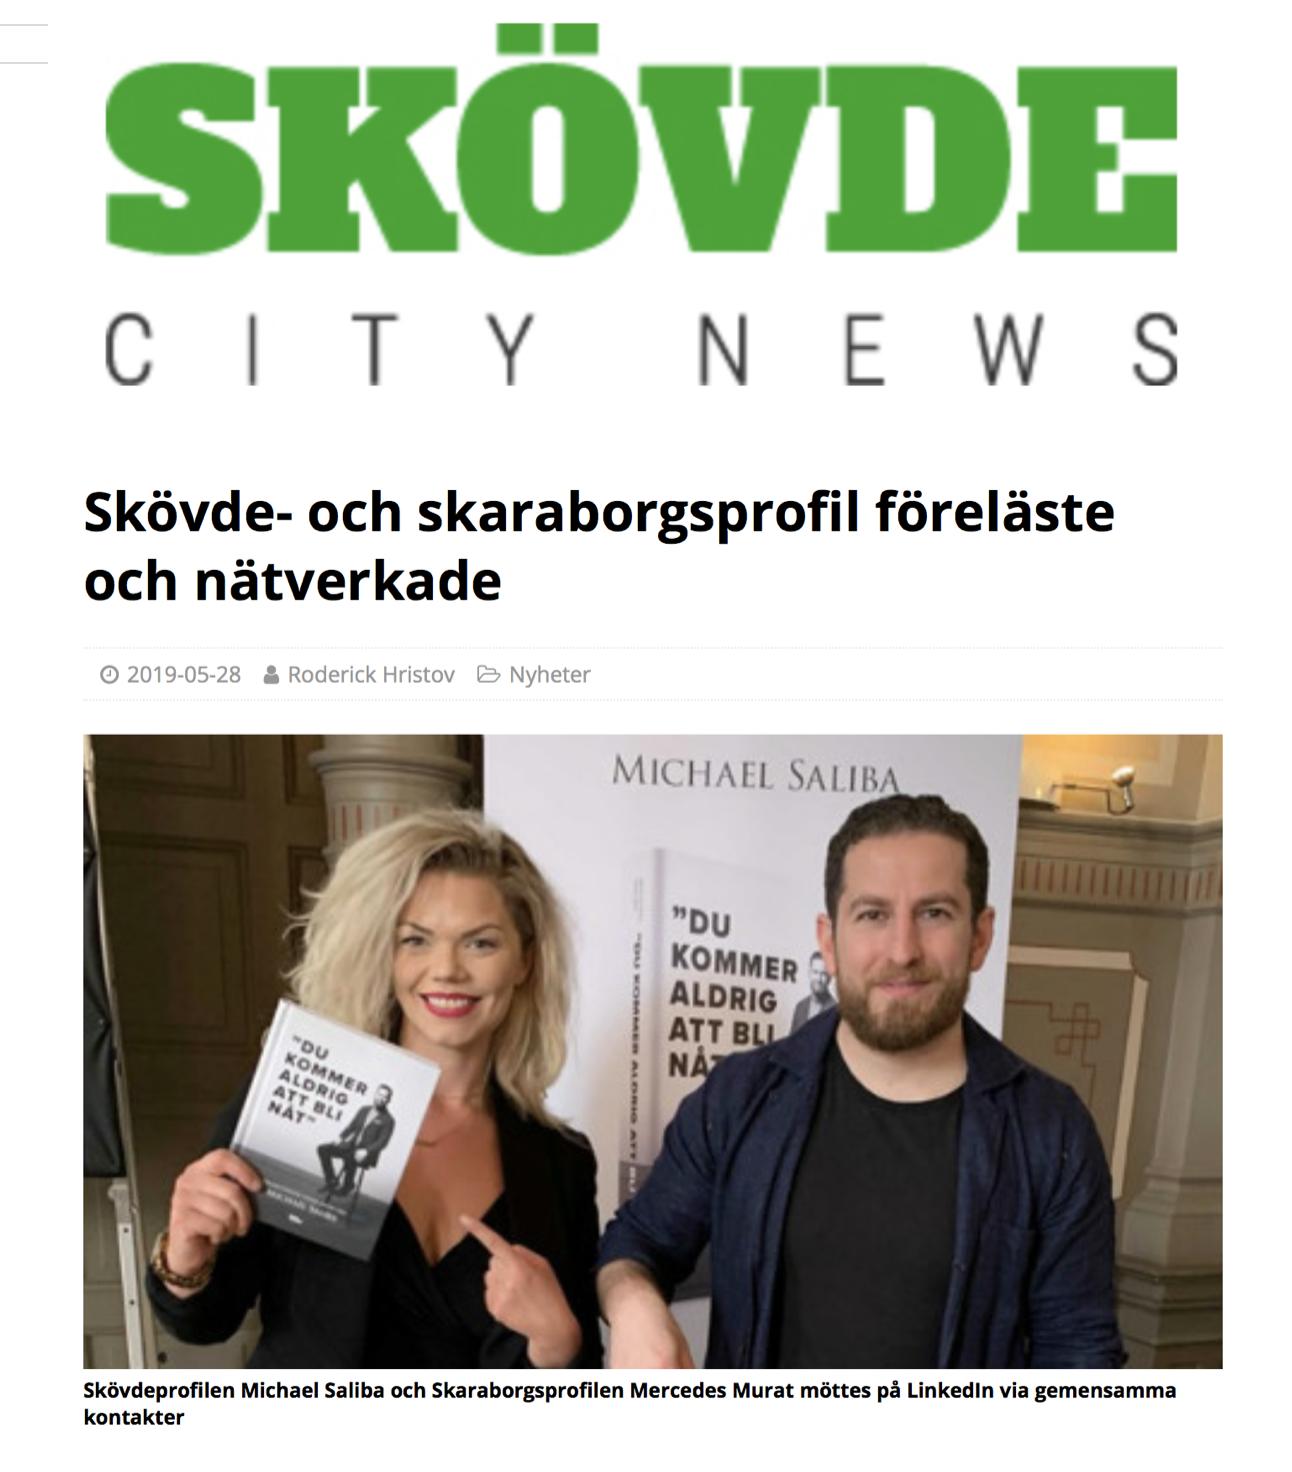 SKÖVDE City News